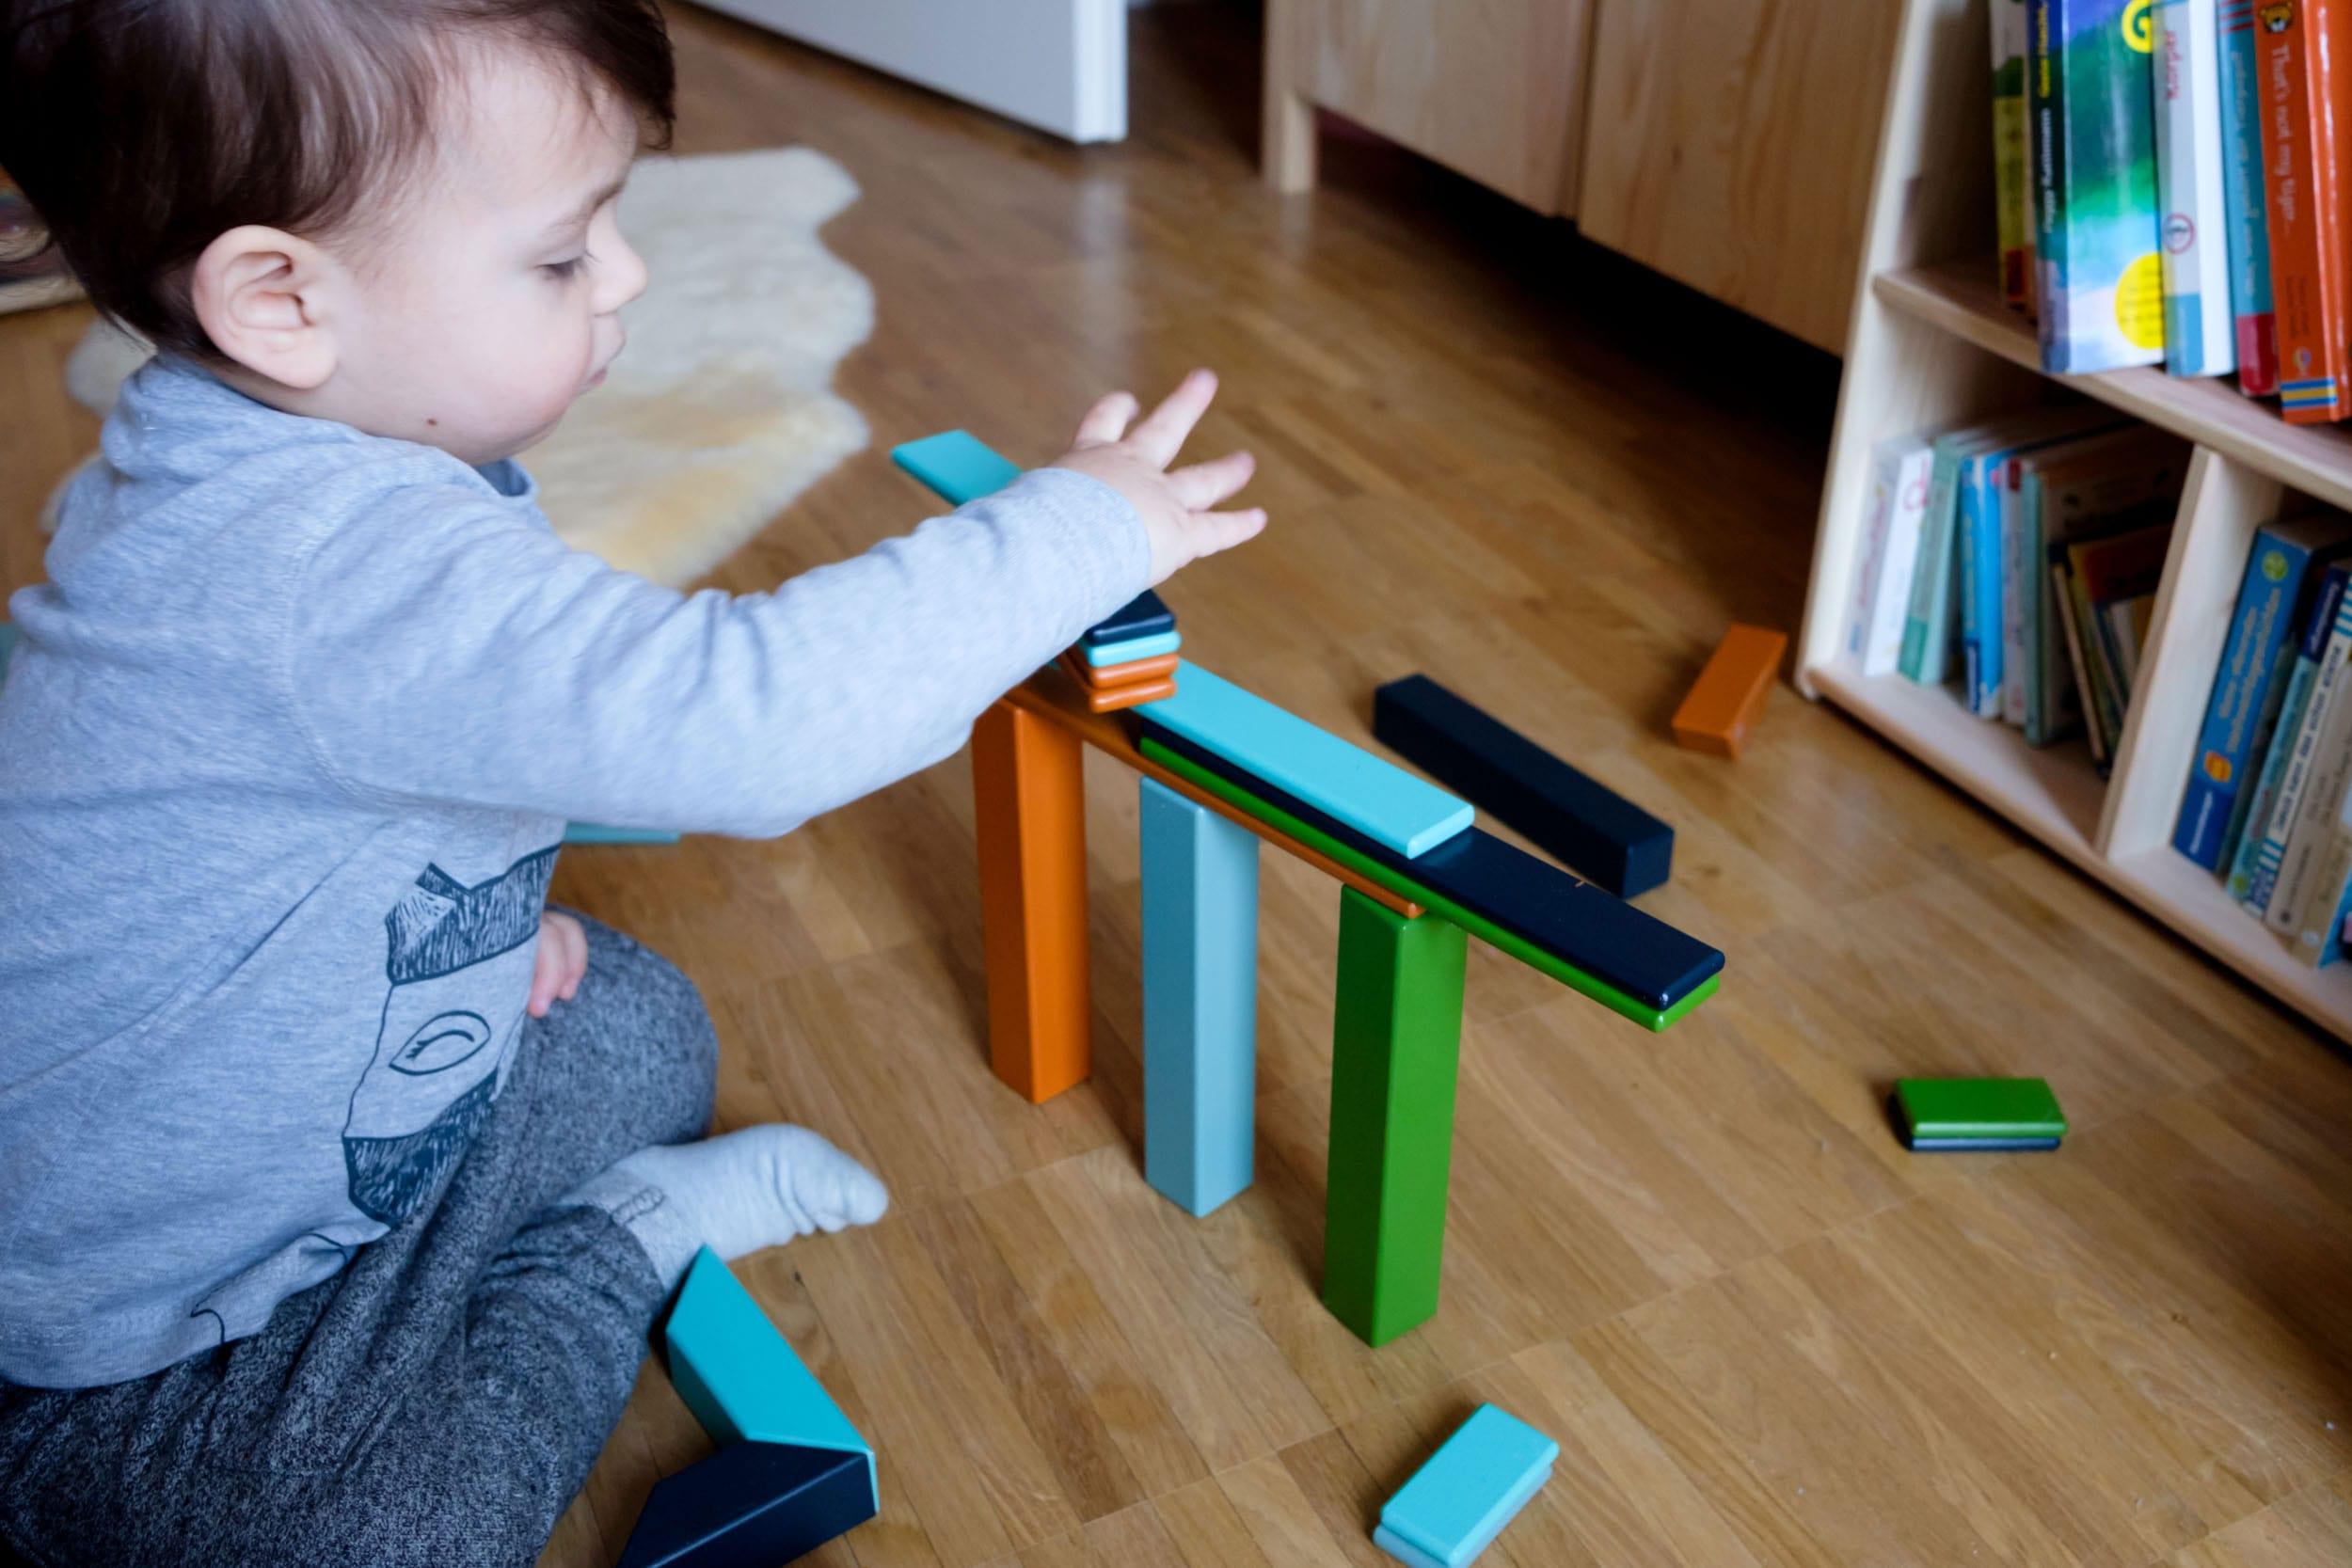 Schietwettertage mit Kind | 3 Tipps für Indoor-Spaß mit TK Maxx | Zuhause mit Kleinkind | Thementage | Baustelle | Magnetbausteine | Mehr auf https://ivy.li